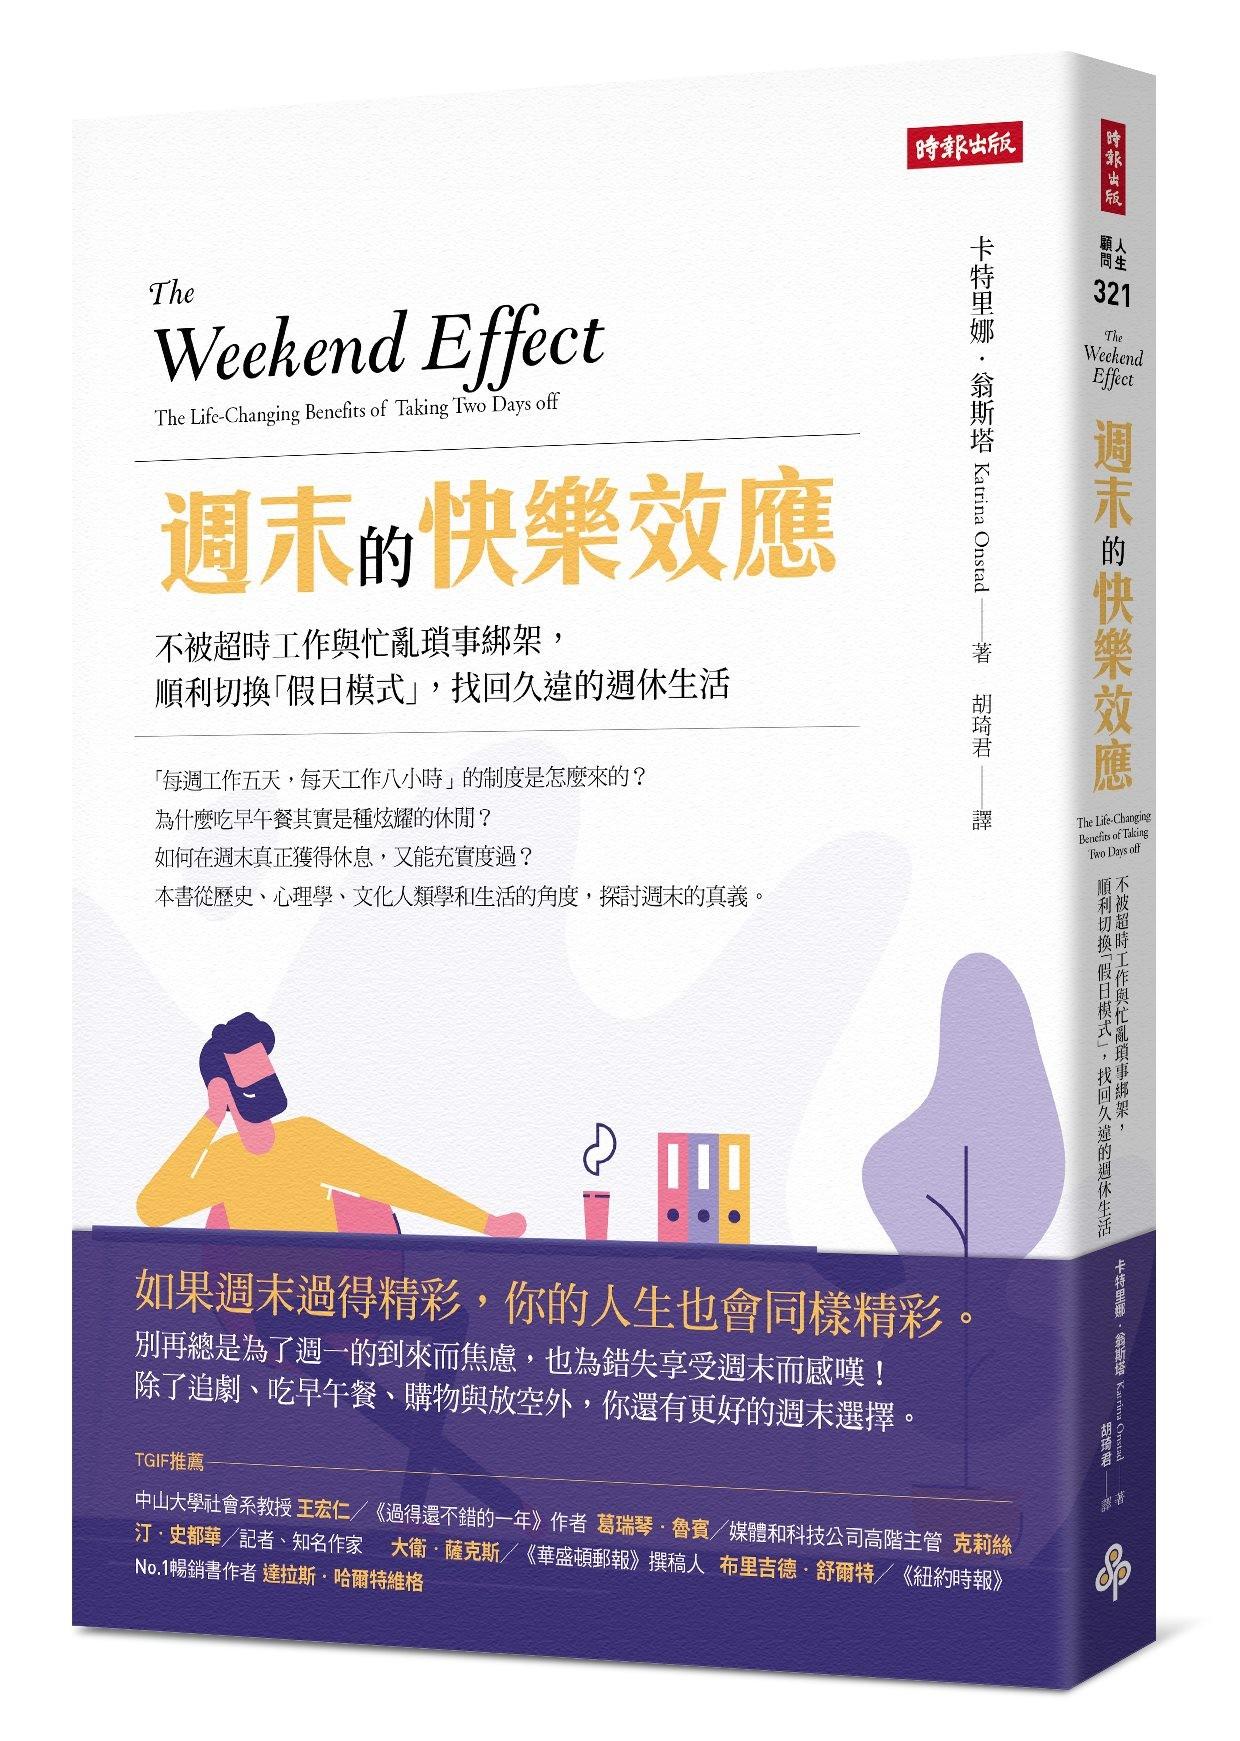 《週末的快樂效應》書封(圖/業者時報出版提供)